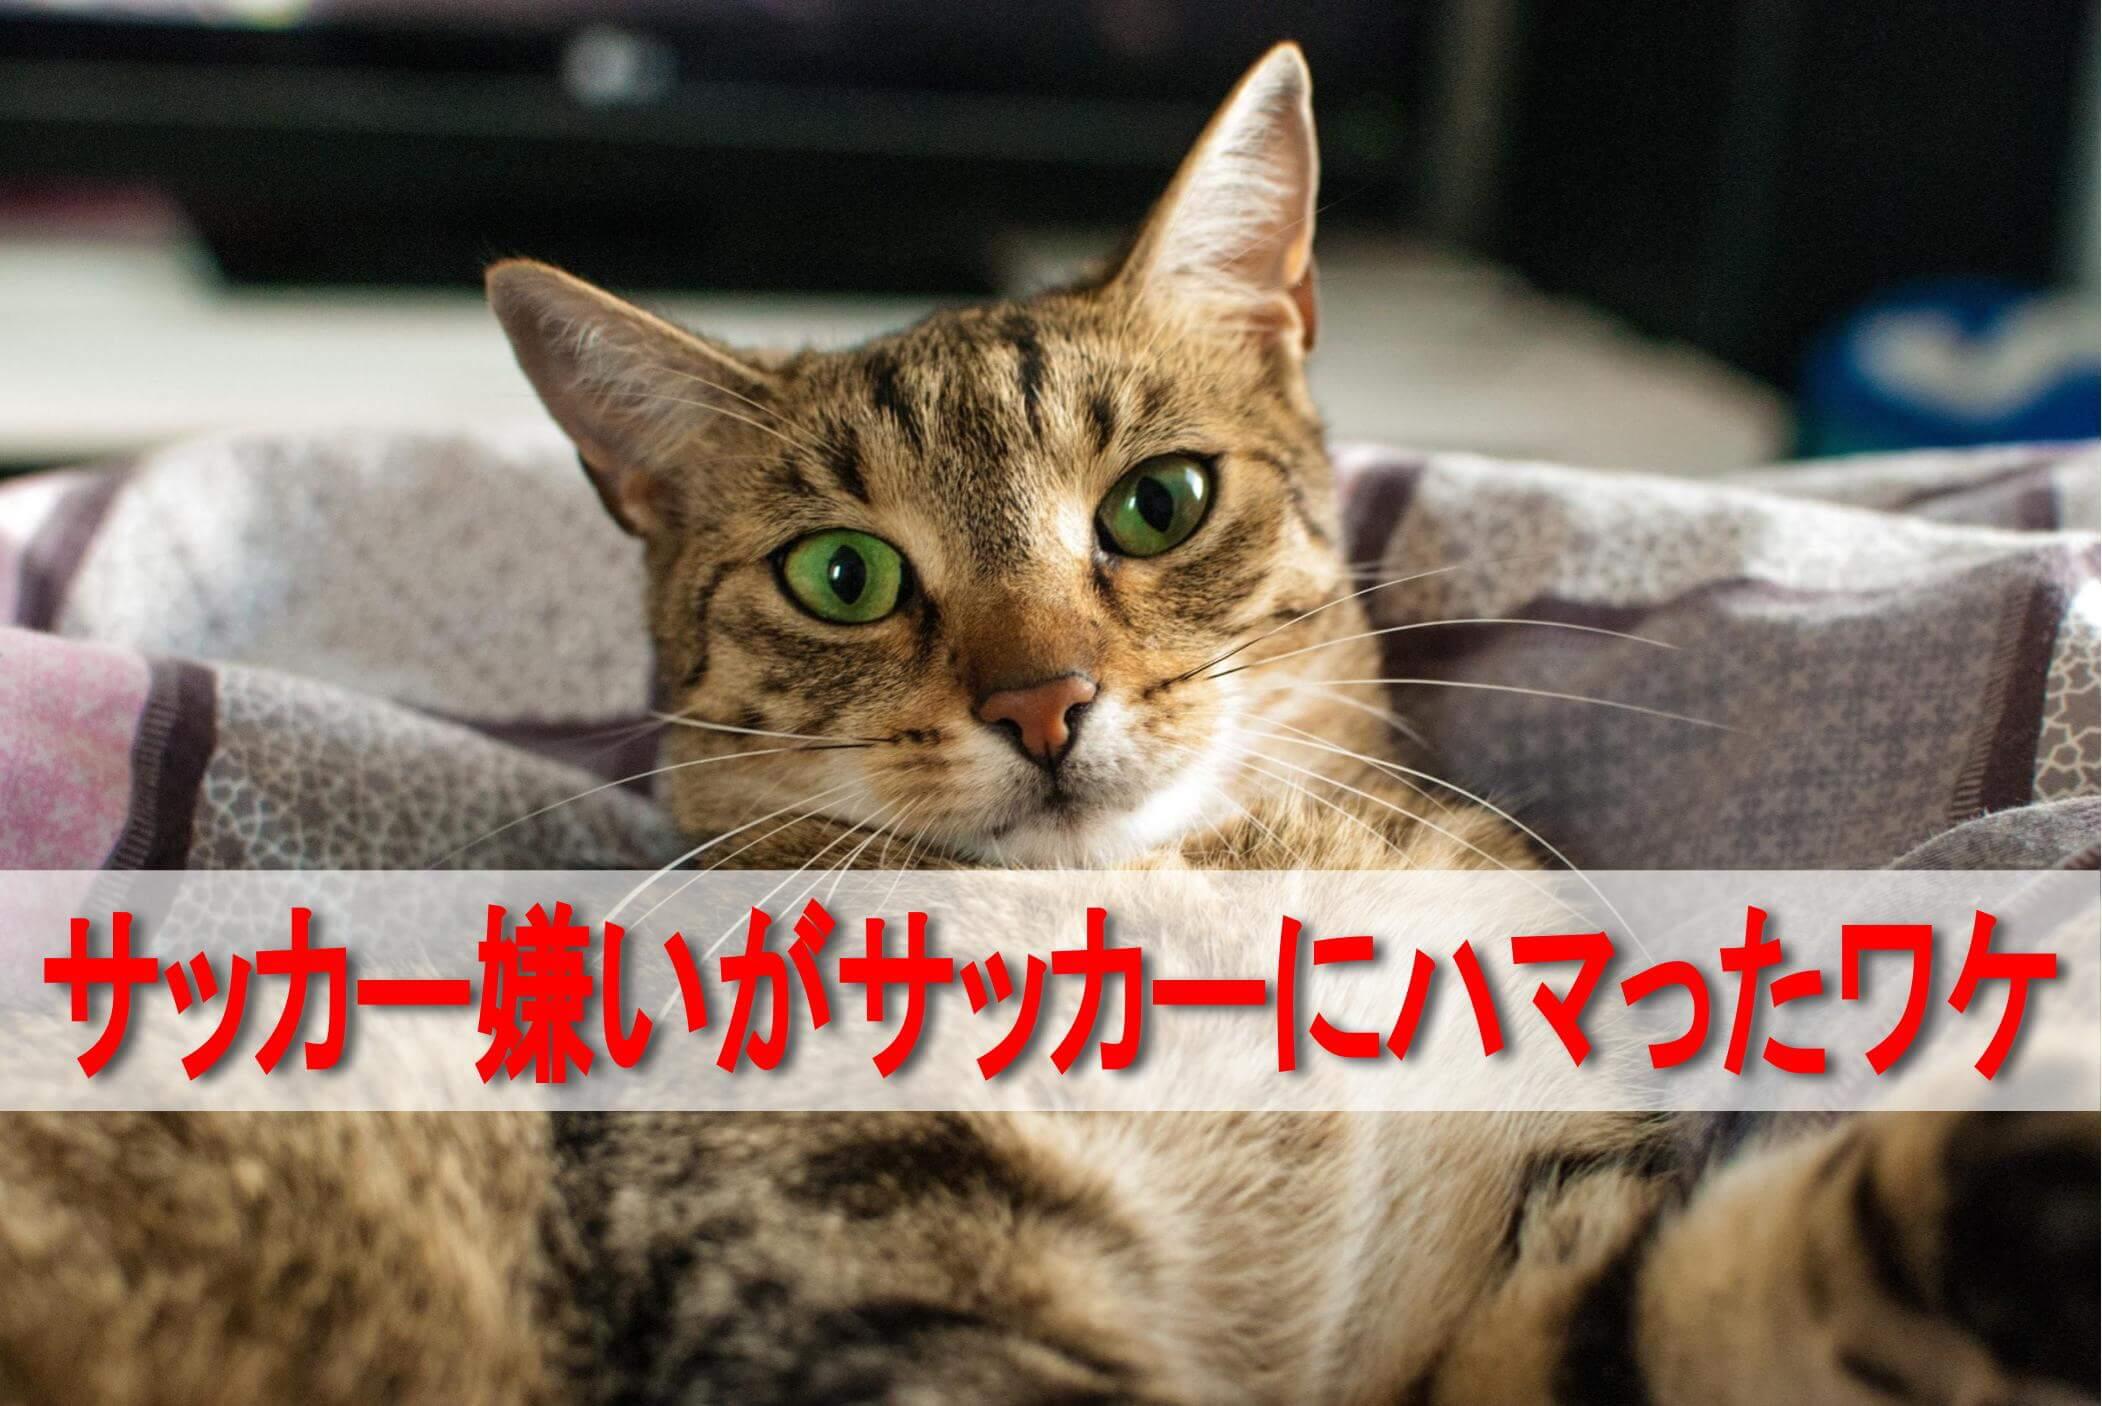 見つめる猫 「サッカー嫌いがサッカーにハマったワケ」